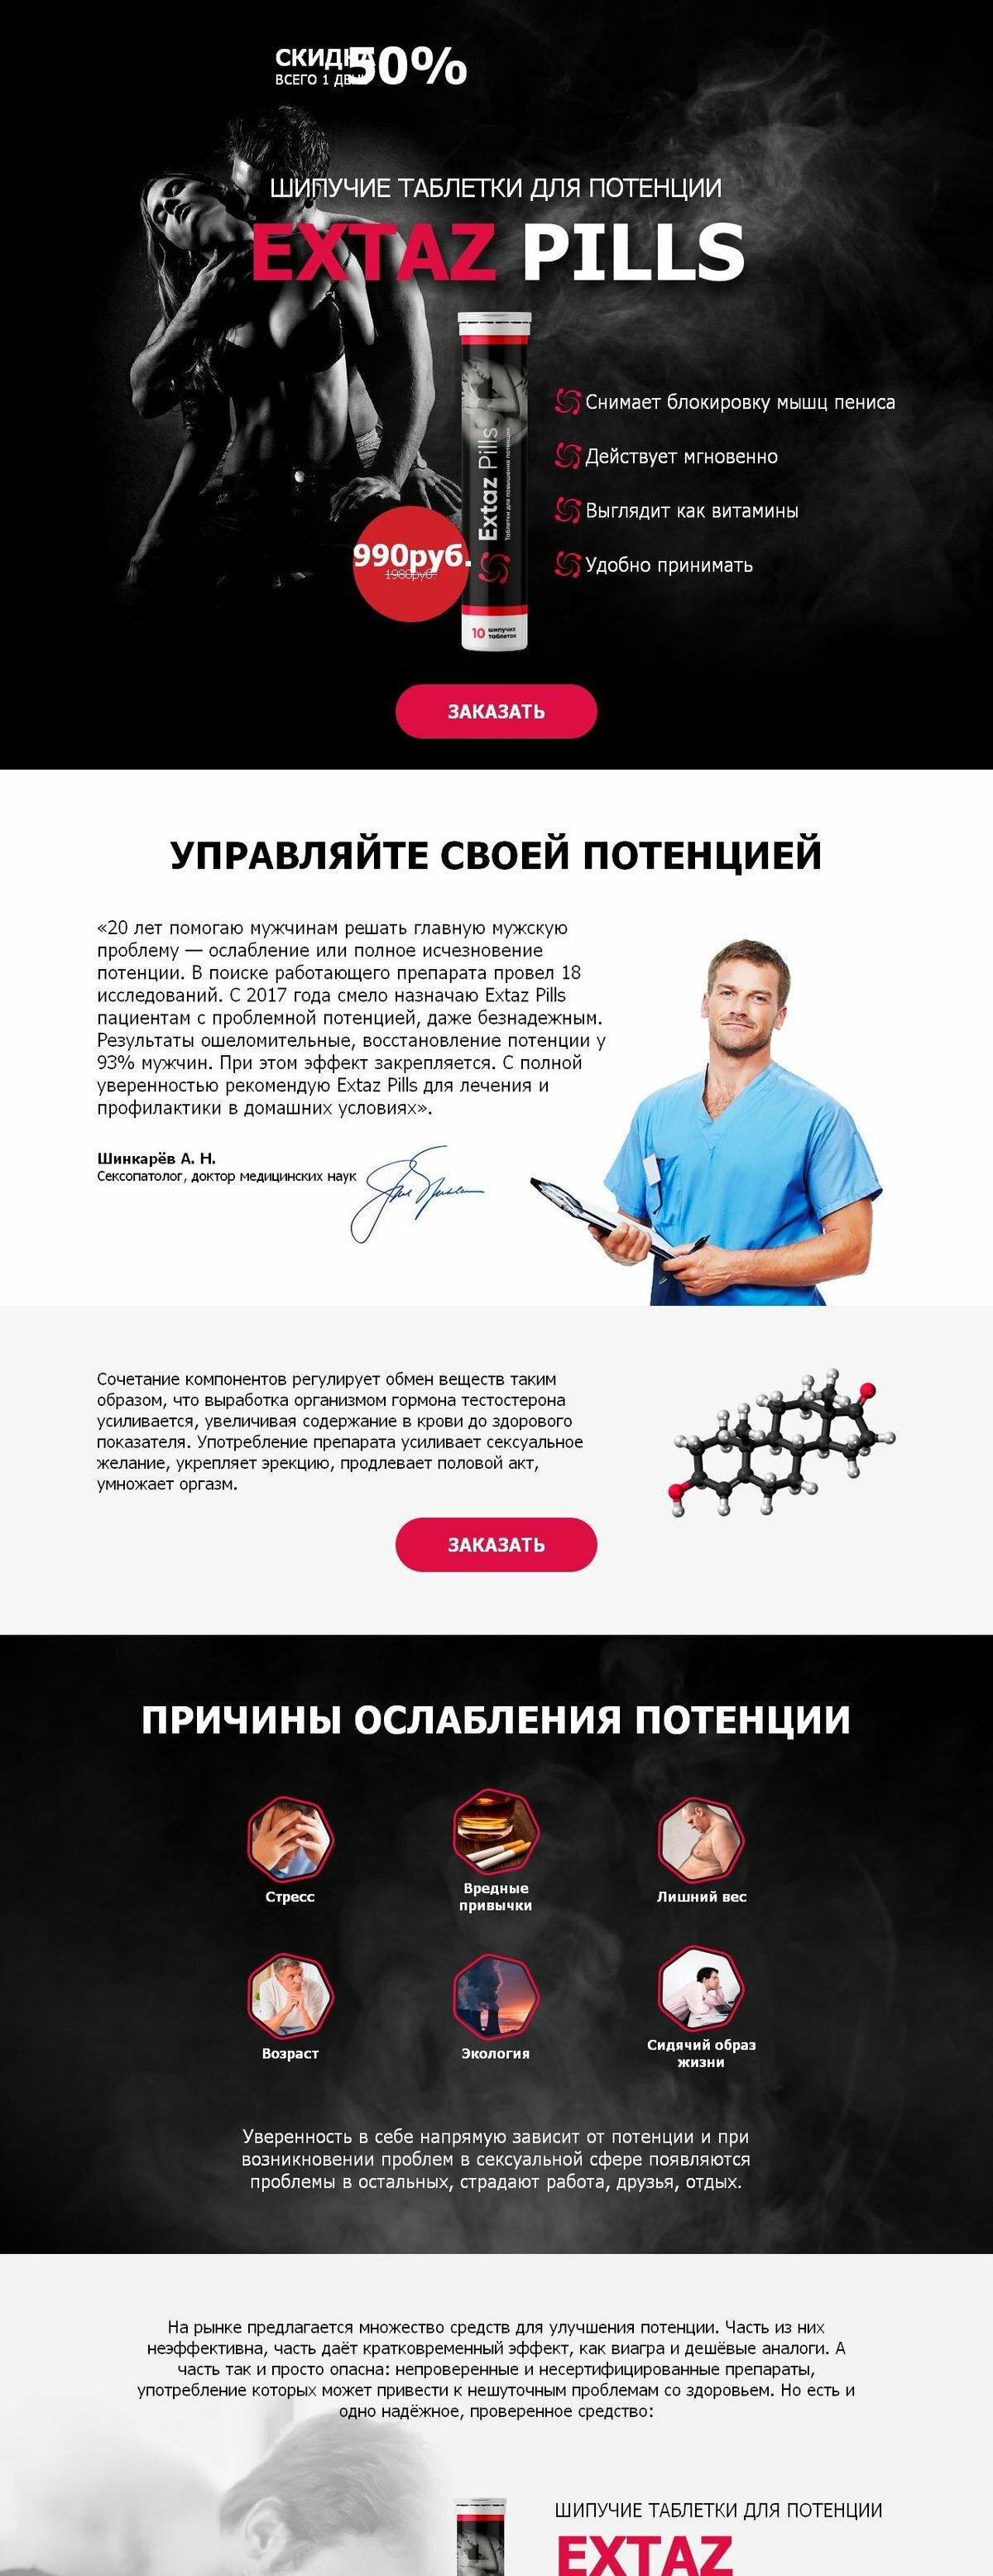 Extaz Pills для повышения потенции в Ульяновске